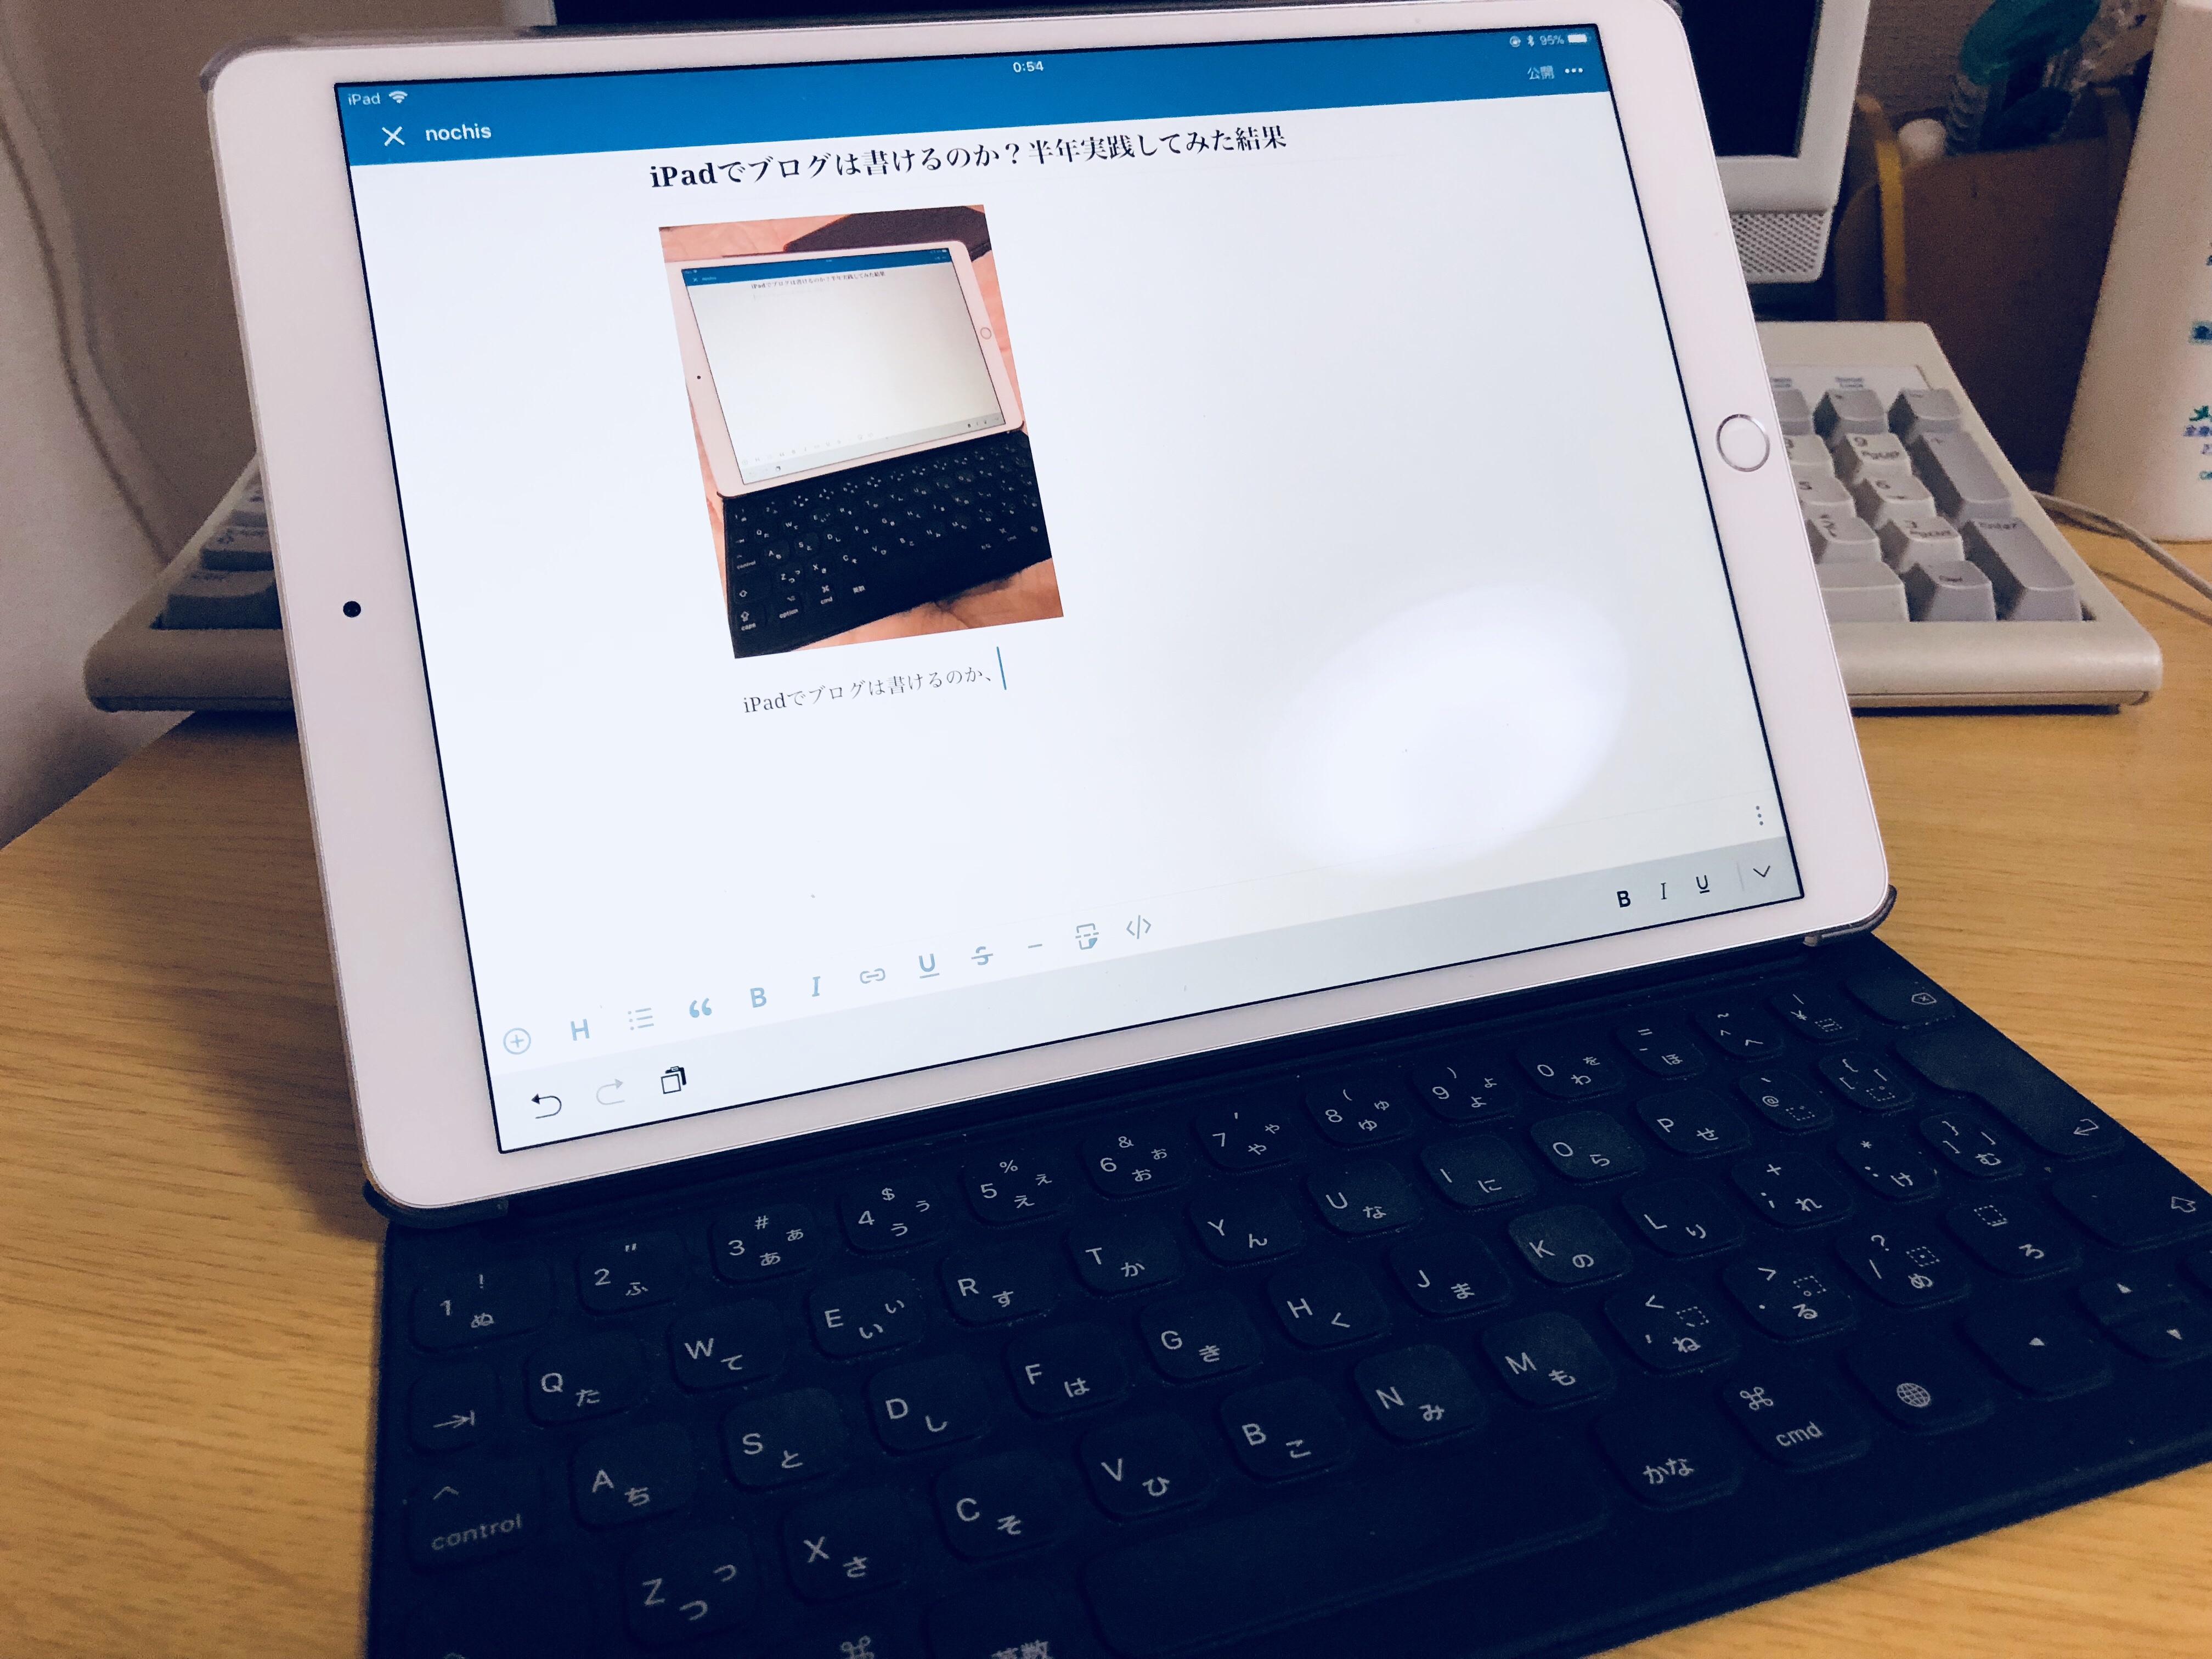 iPadでブログは書けるのか?半年実践してみた結果